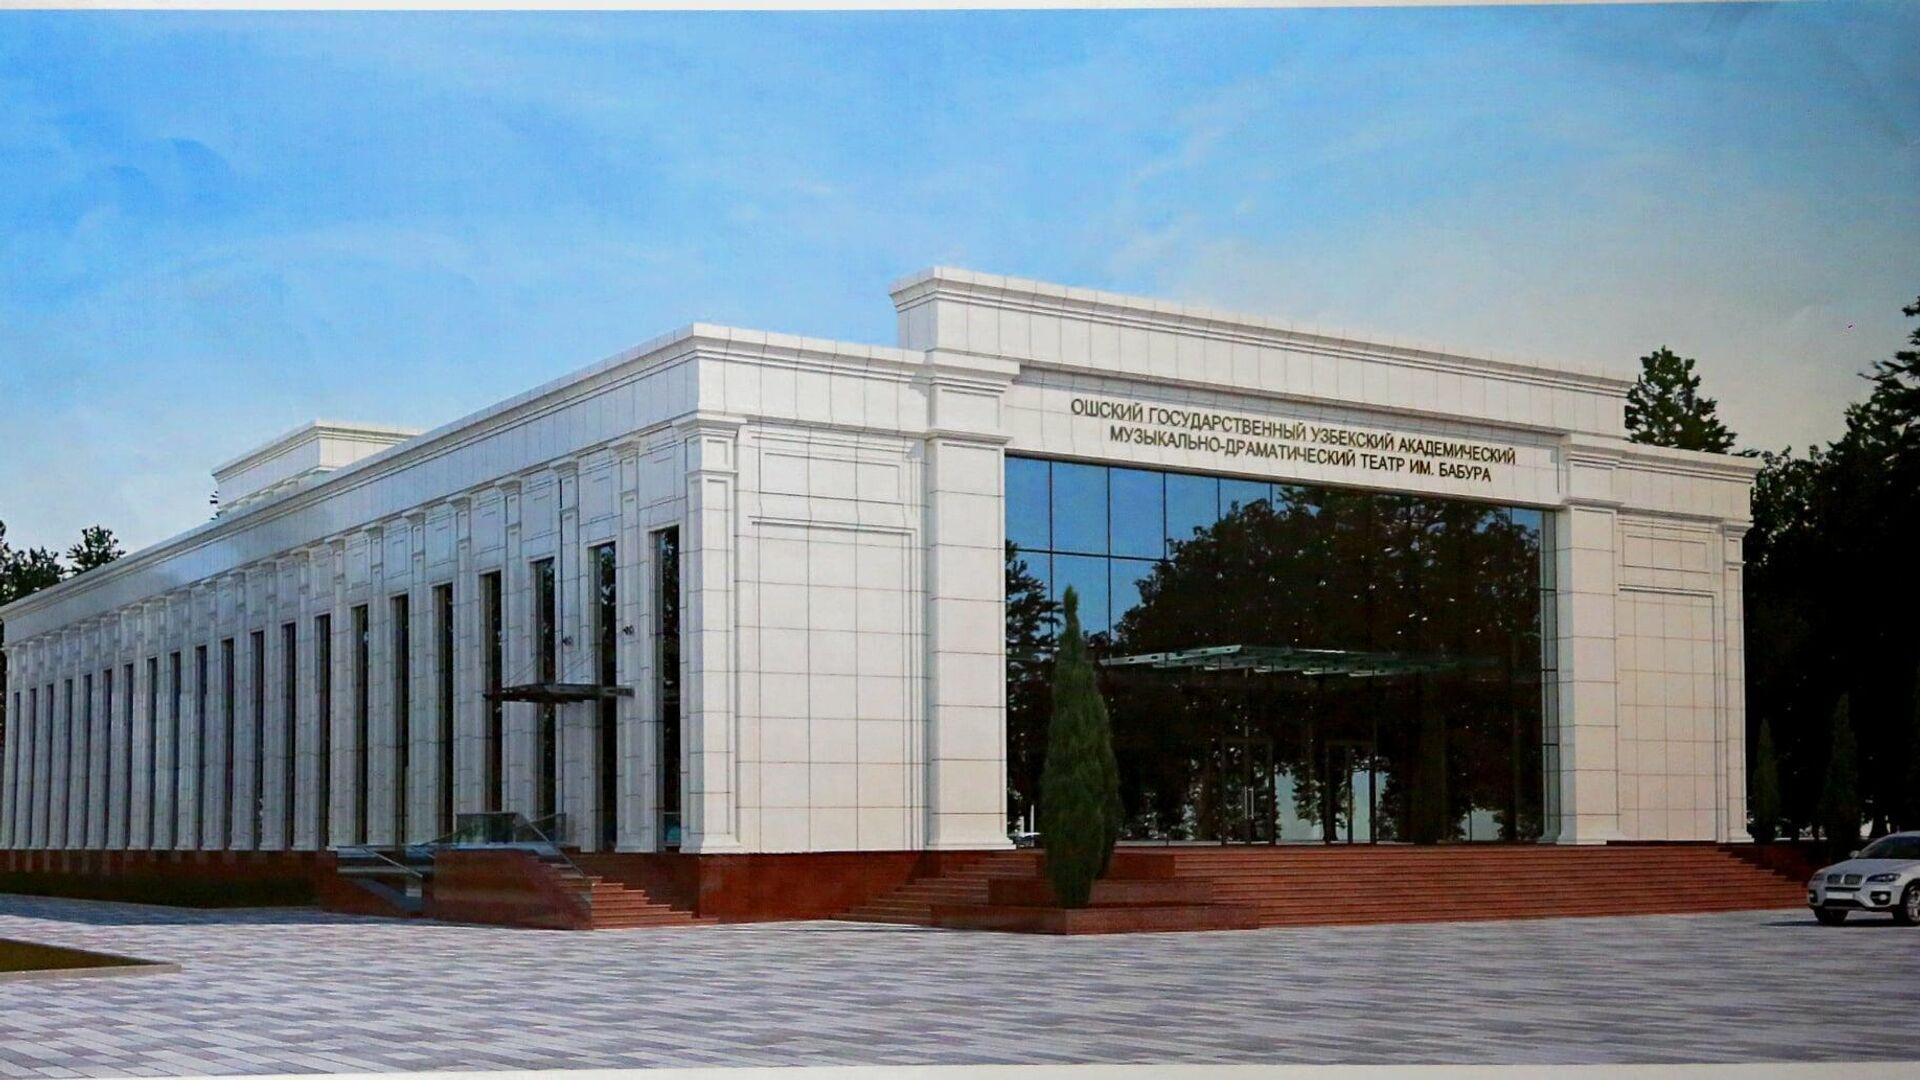 Nachata rekonstruktsiya Uzbekskogo dramaticheskogo teatra v Oshe - Sputnik Oʻzbekiston, 1920, 15.09.2021